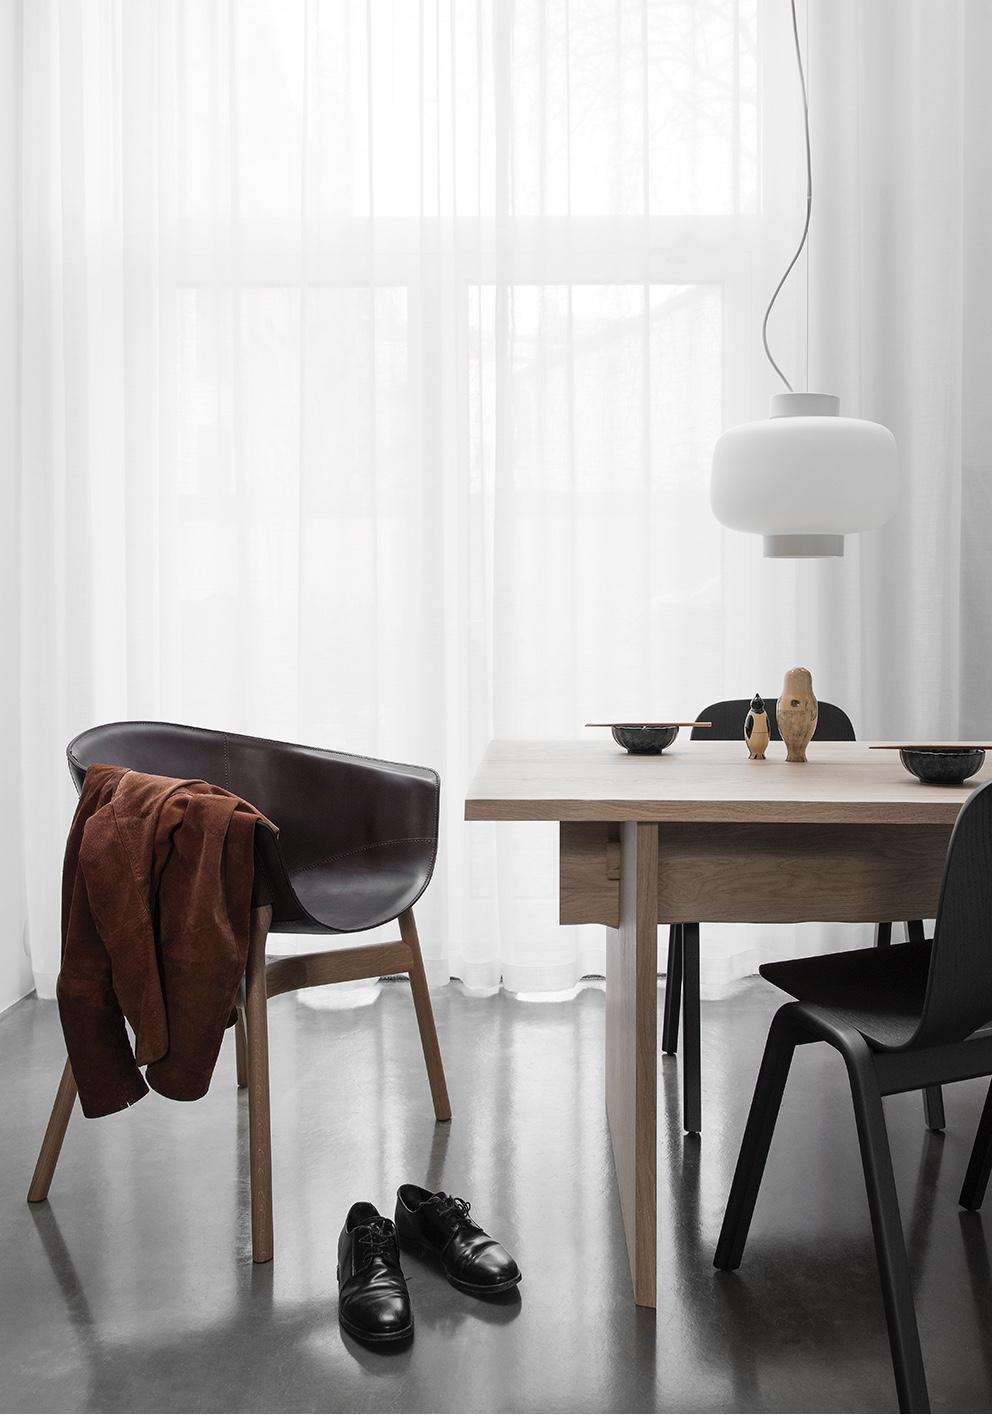 Всемирно известный дизайнер Филипп Малуин - дизайн столика